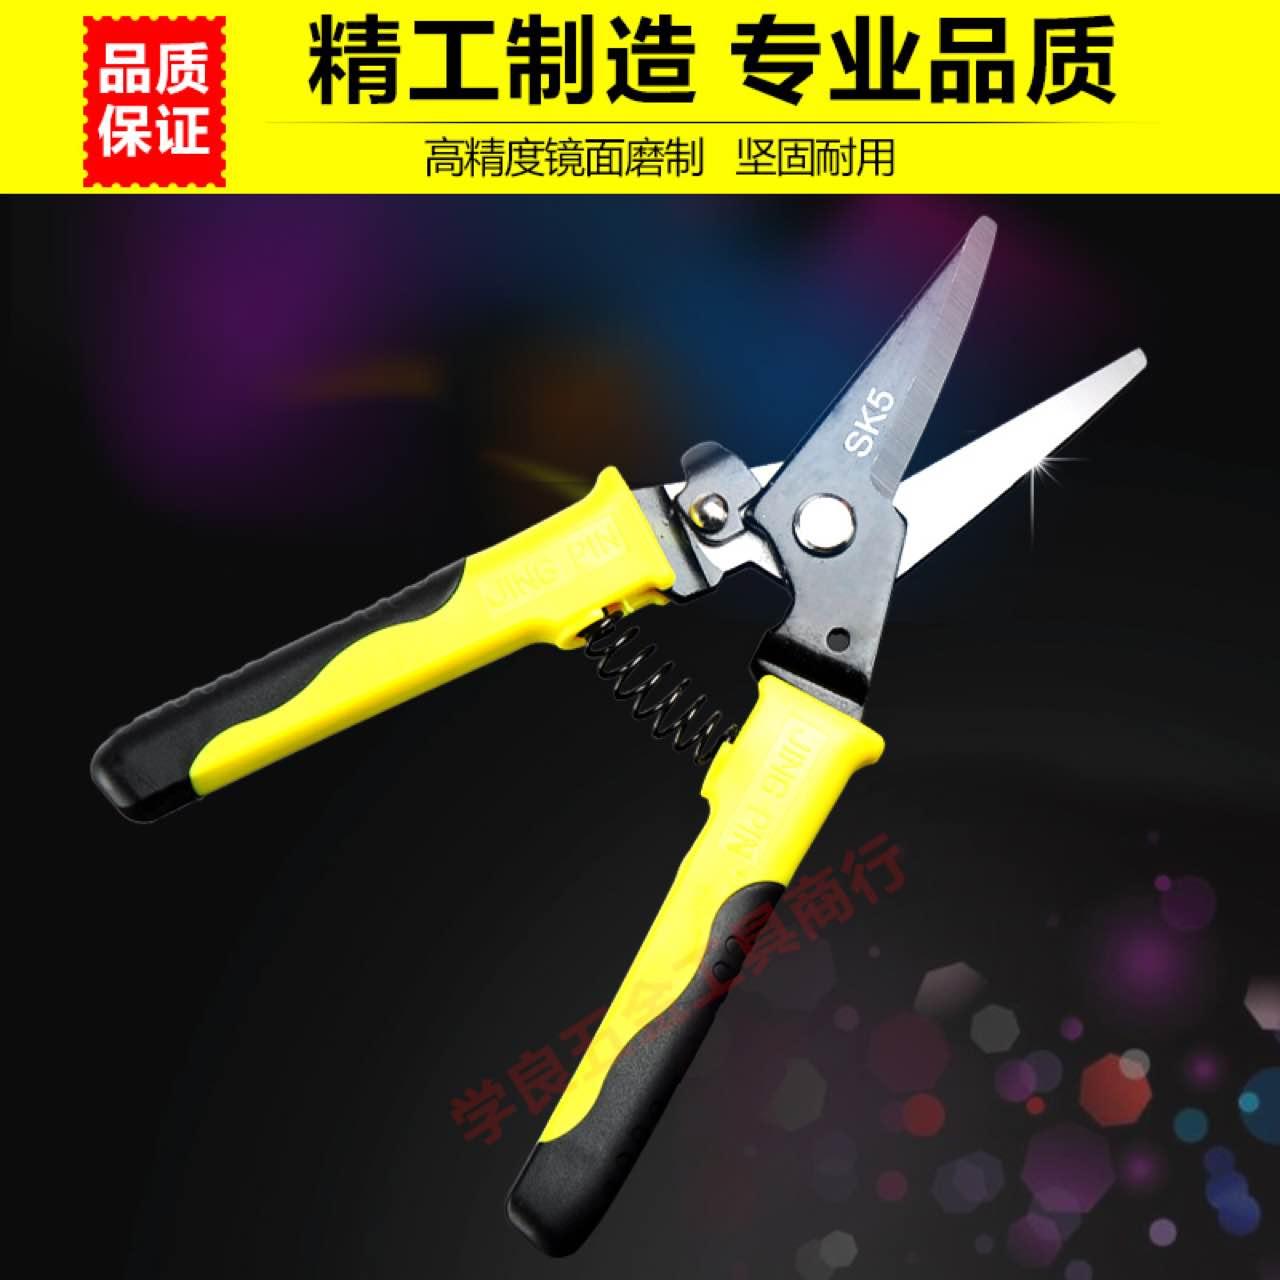 多功能剪铁皮花园艺工业金属直角电线不锈钢树枝剪刀